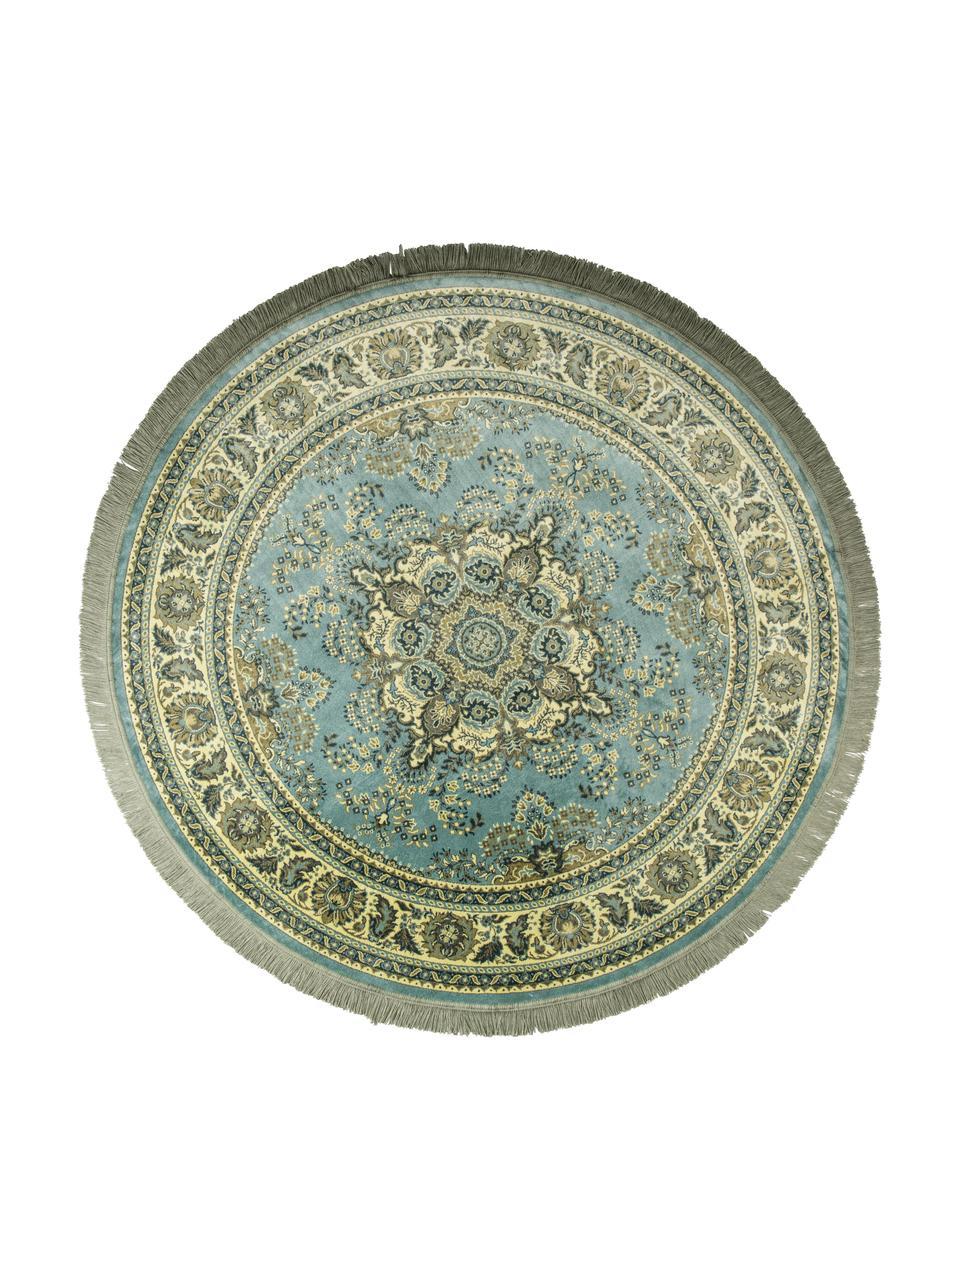 Runder Vintage-Teppich Bodega in Grün mit Fransen, Flor: 38%Rayon, 26%Baumwolle,, Grüntöne, Ø 175 cm (Grösse L)